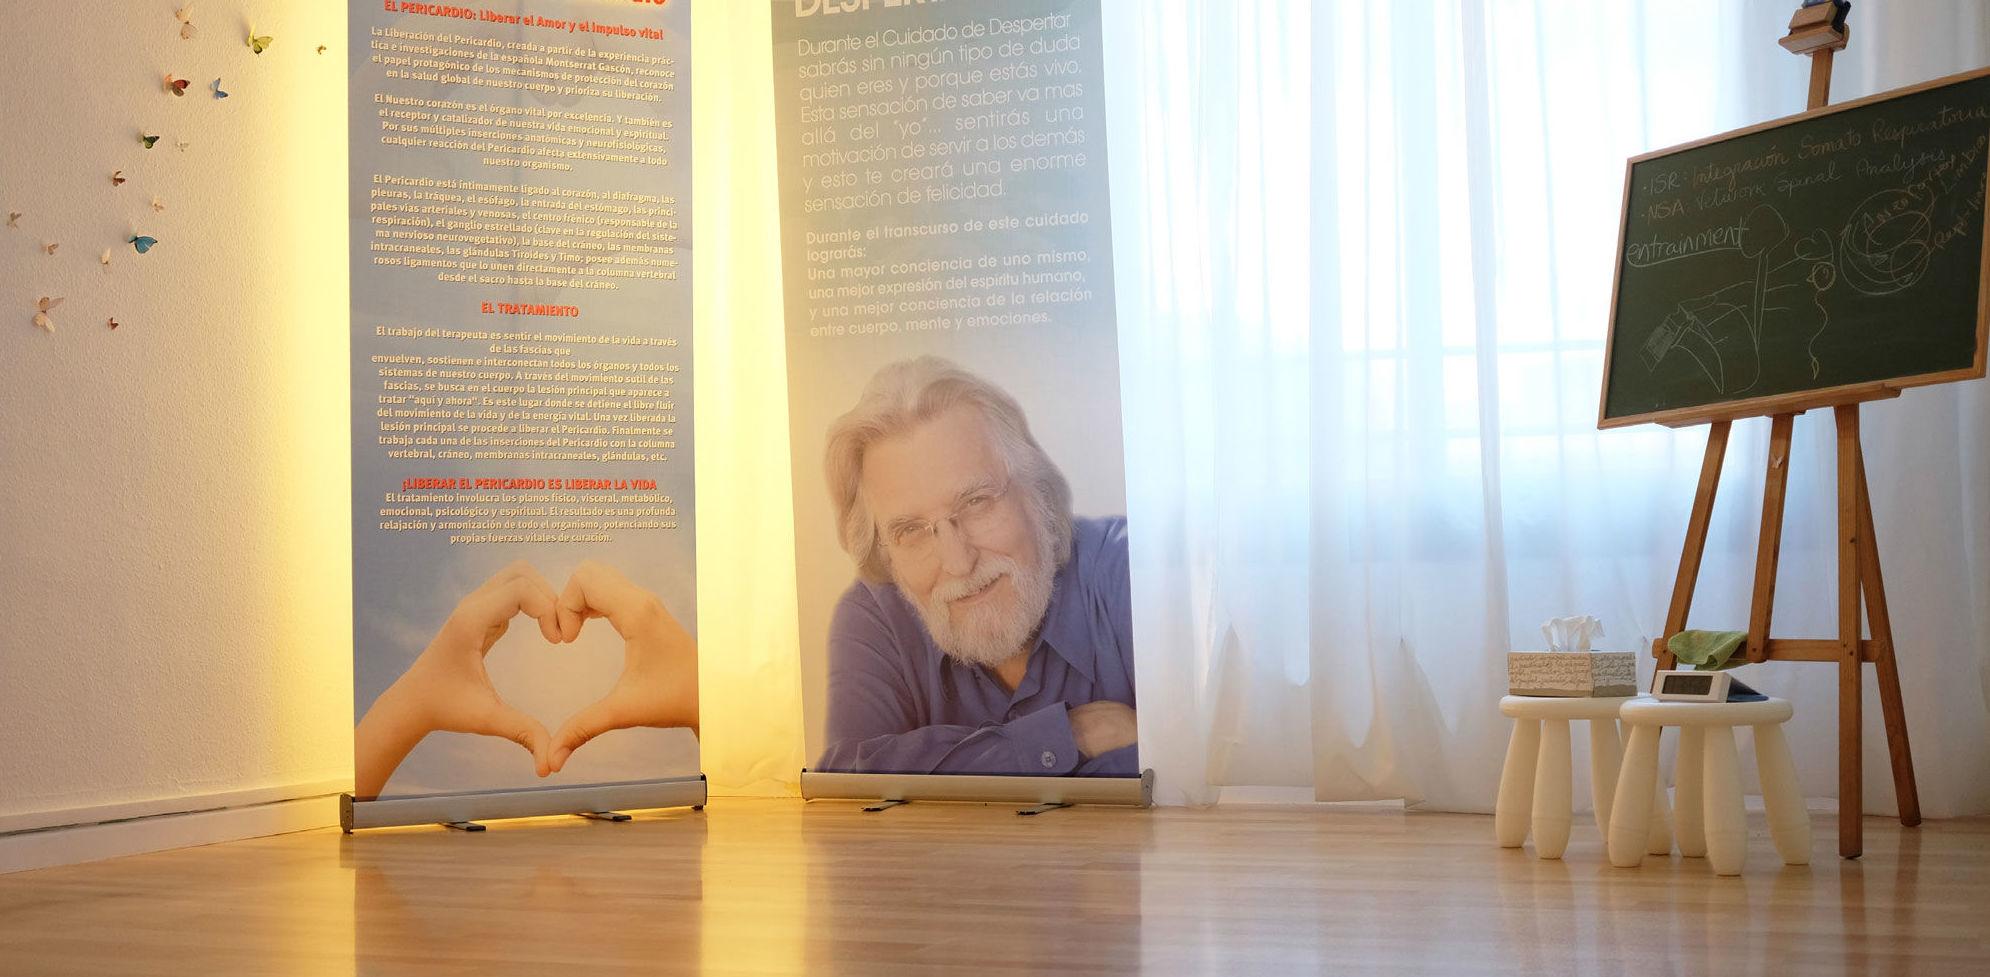 Terapias energéticas, homeopatía... Tarragona http://www.claudiaboschi.es/es/